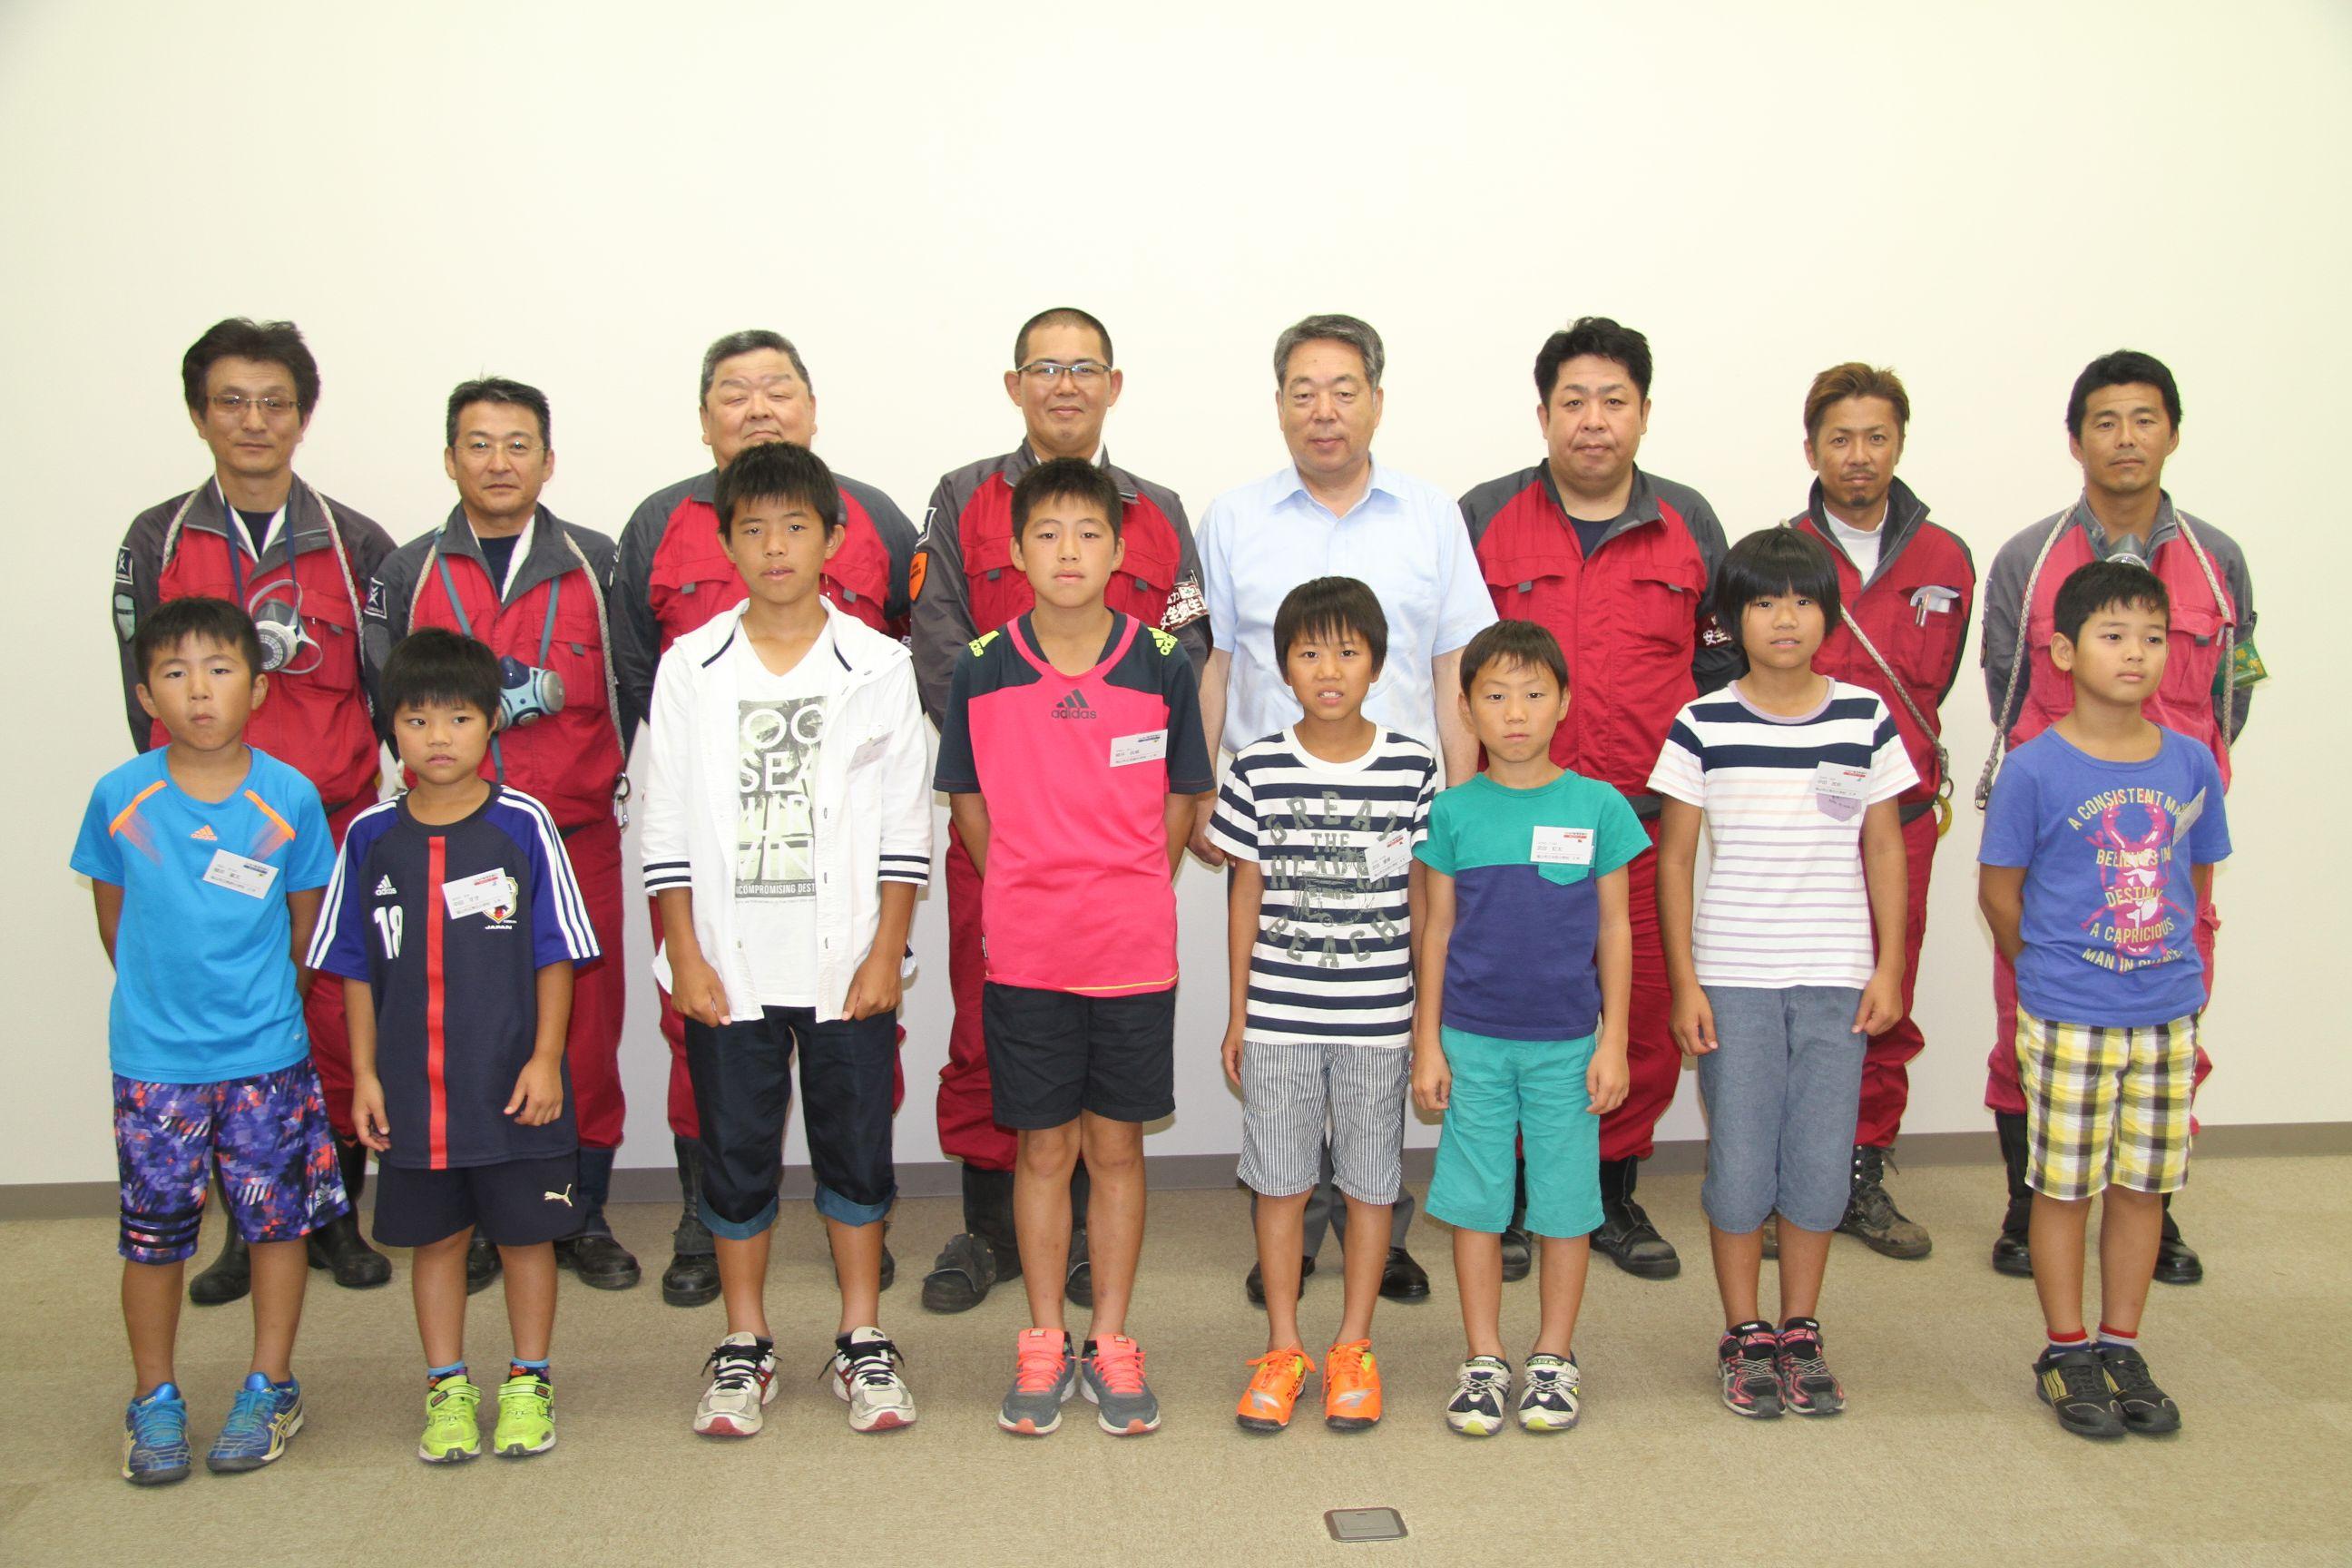 河野健二社長、川北雅弘取締役・工場長と協力会社の社長と参加した子ども達